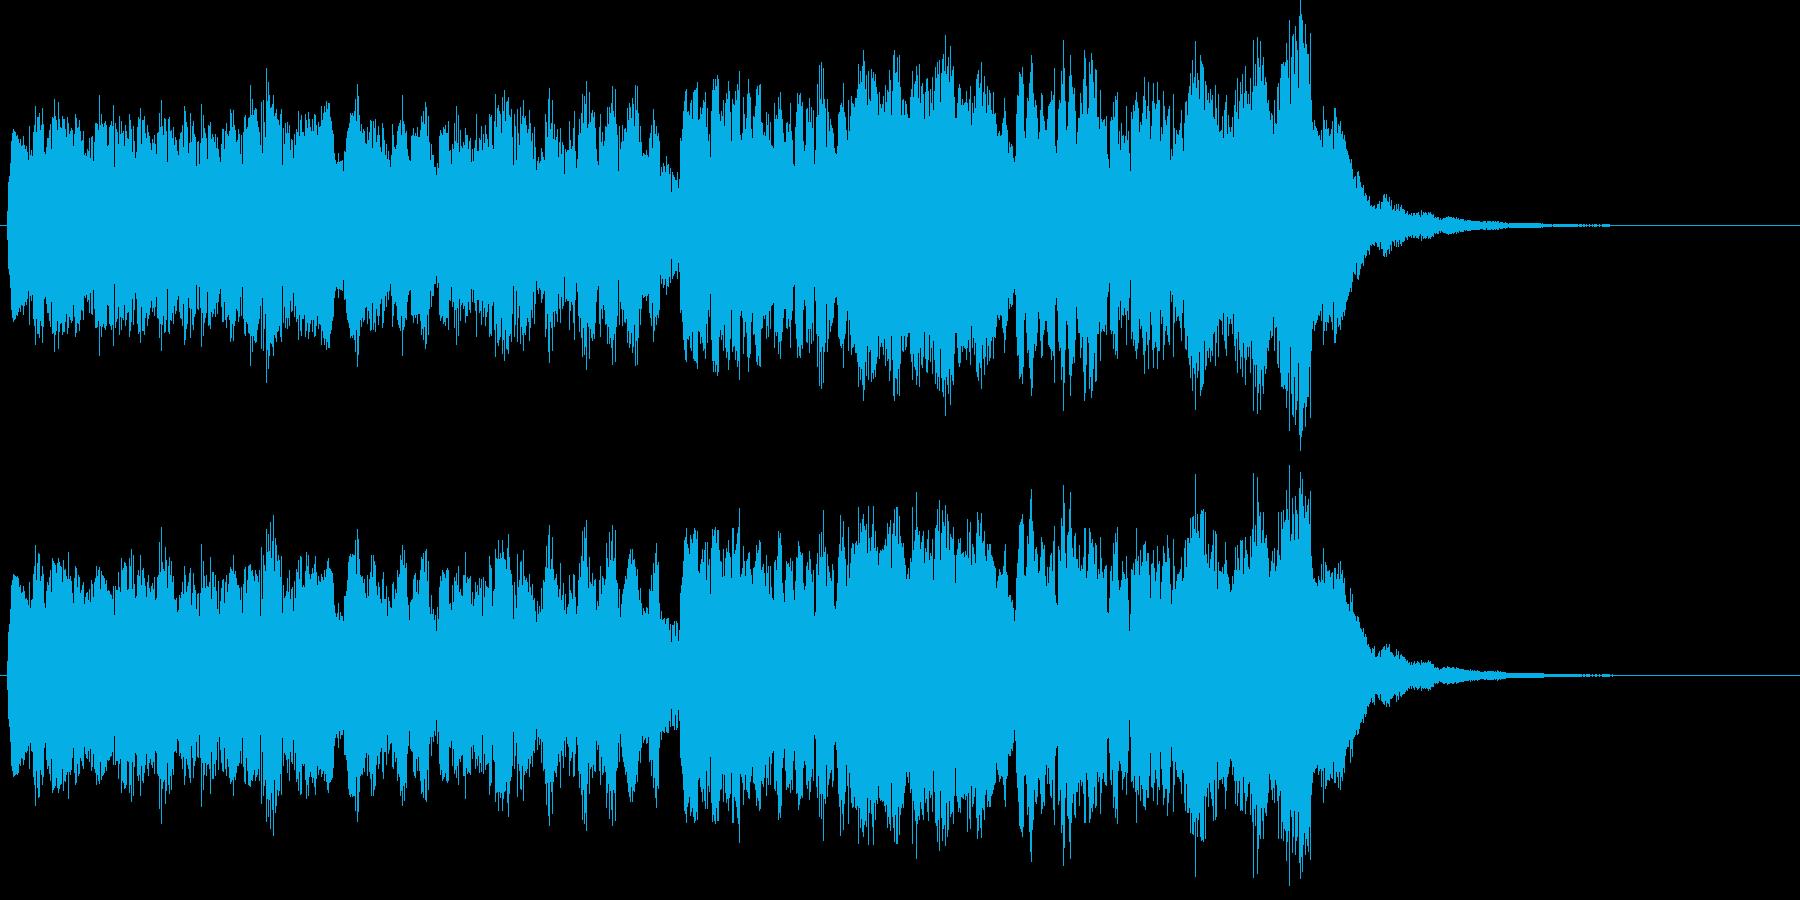 あかるいジングル(チャイム)の再生済みの波形